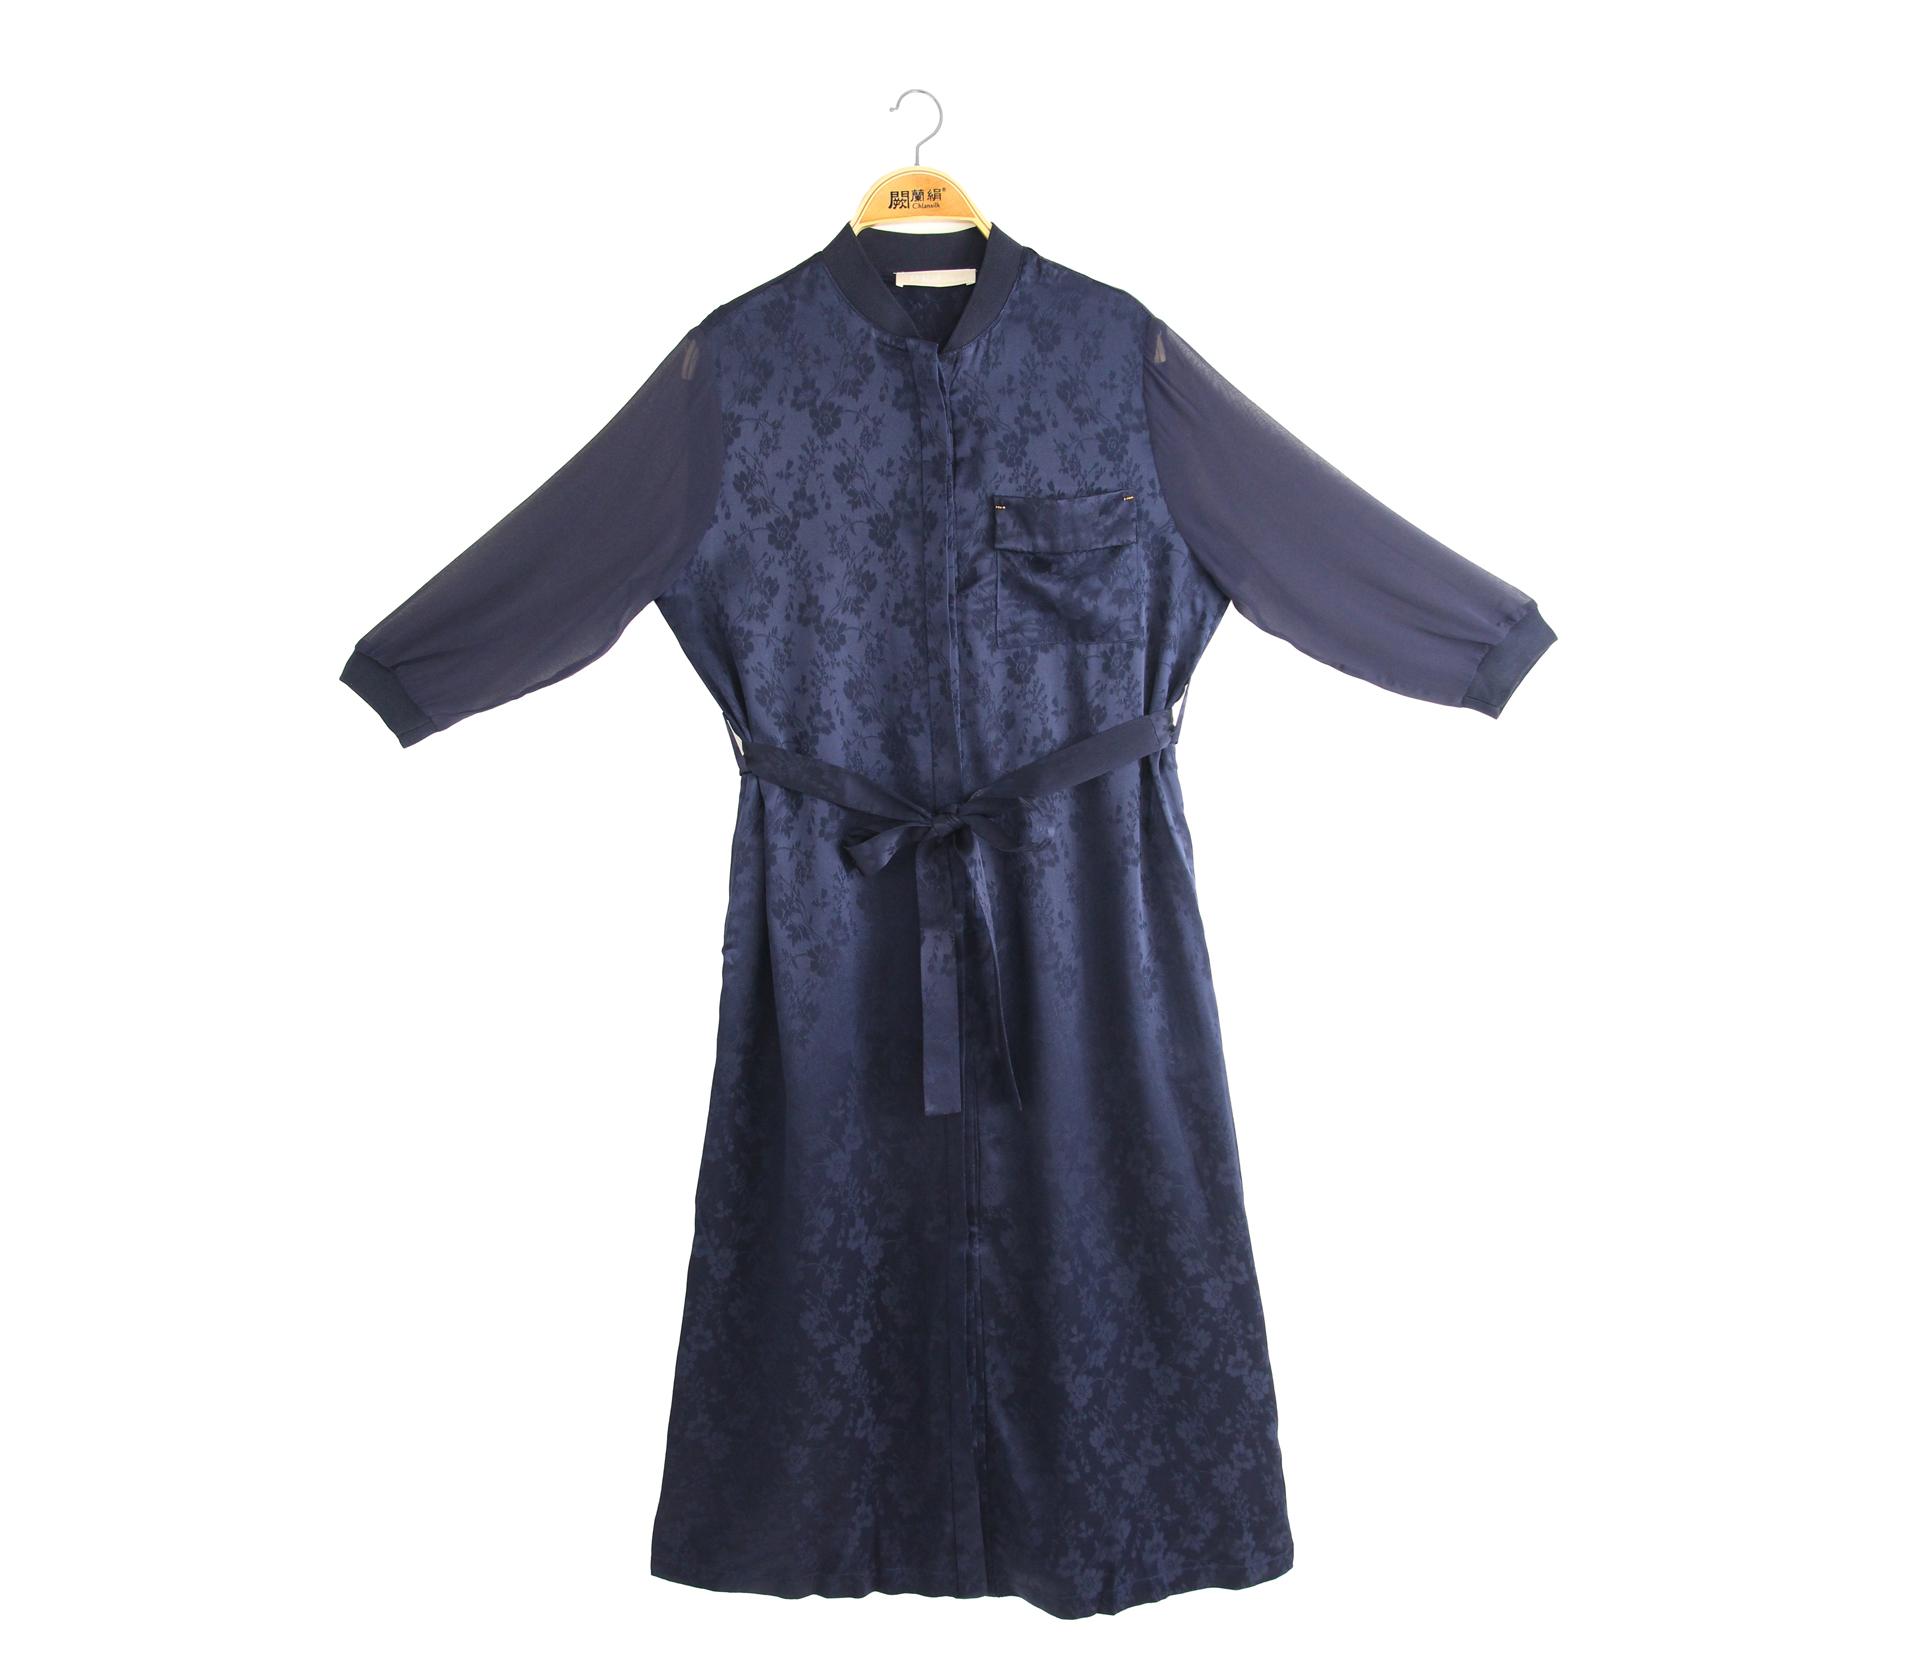 闕蘭絹高貴印花蠶絲綁帶雪紡洋裝 - 藍色 - 6021